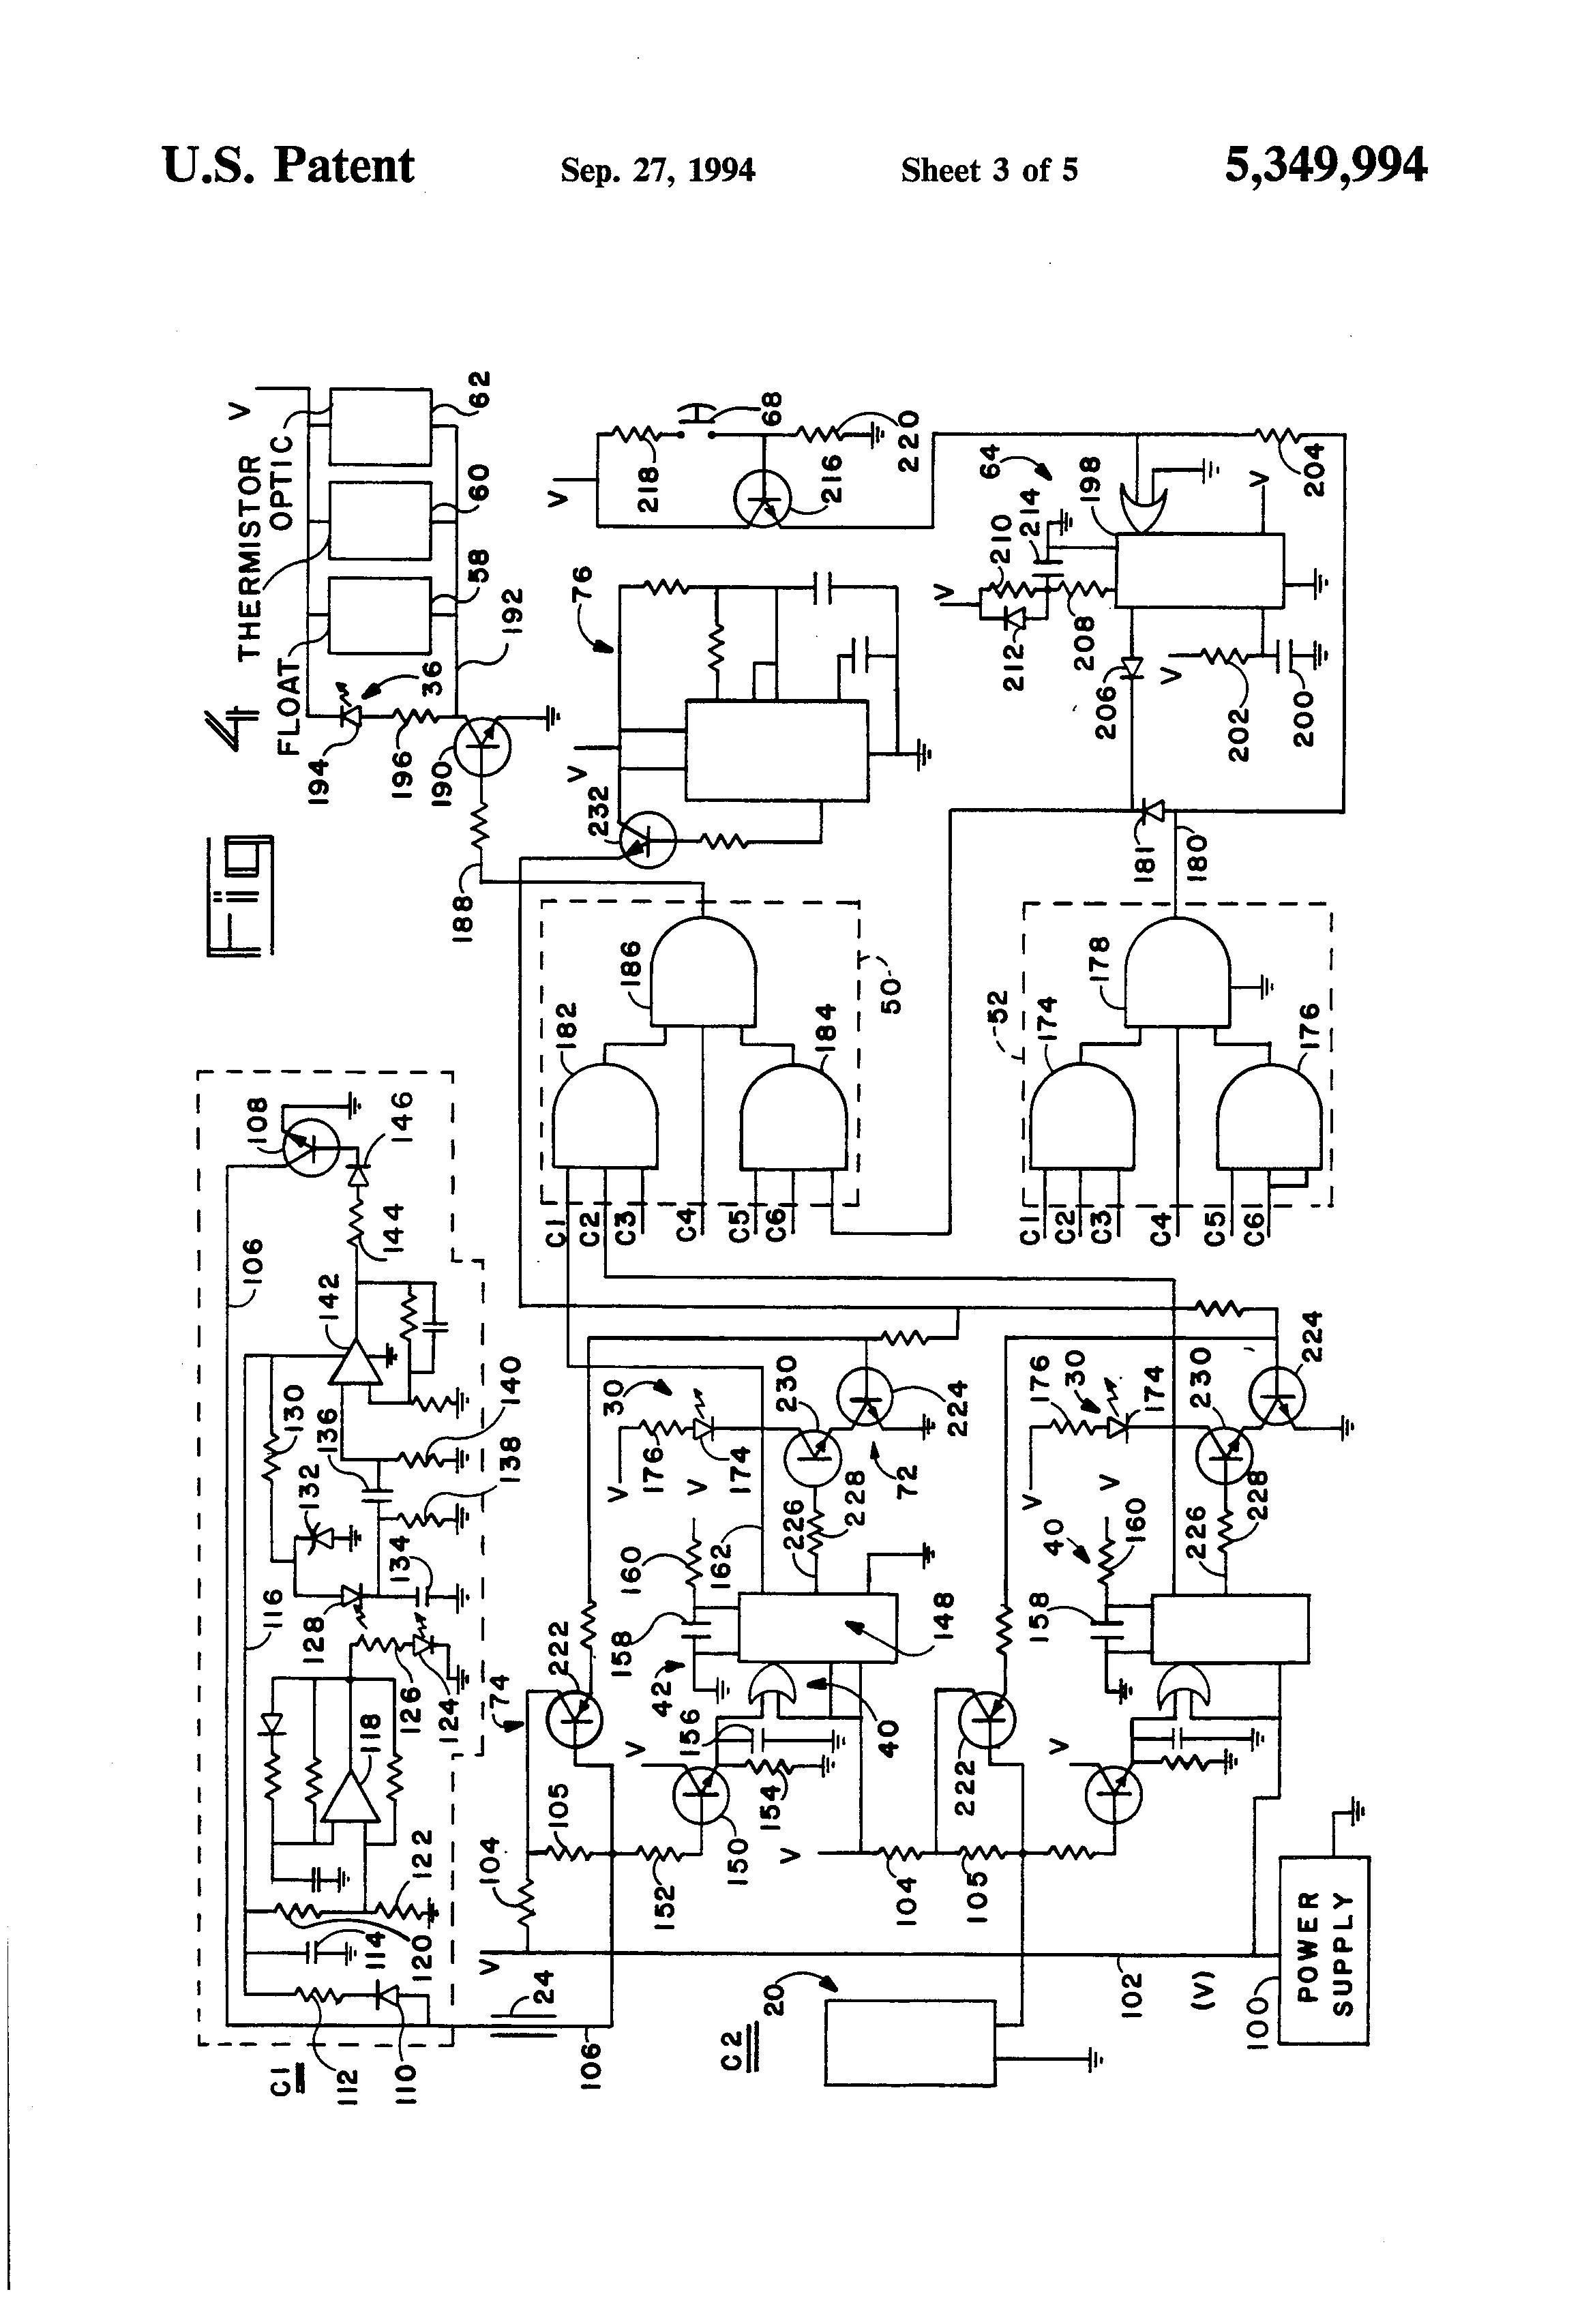 scully groundhog system wiring diagram data wiring diagrams \u2022 ford  f-150 radio wiring